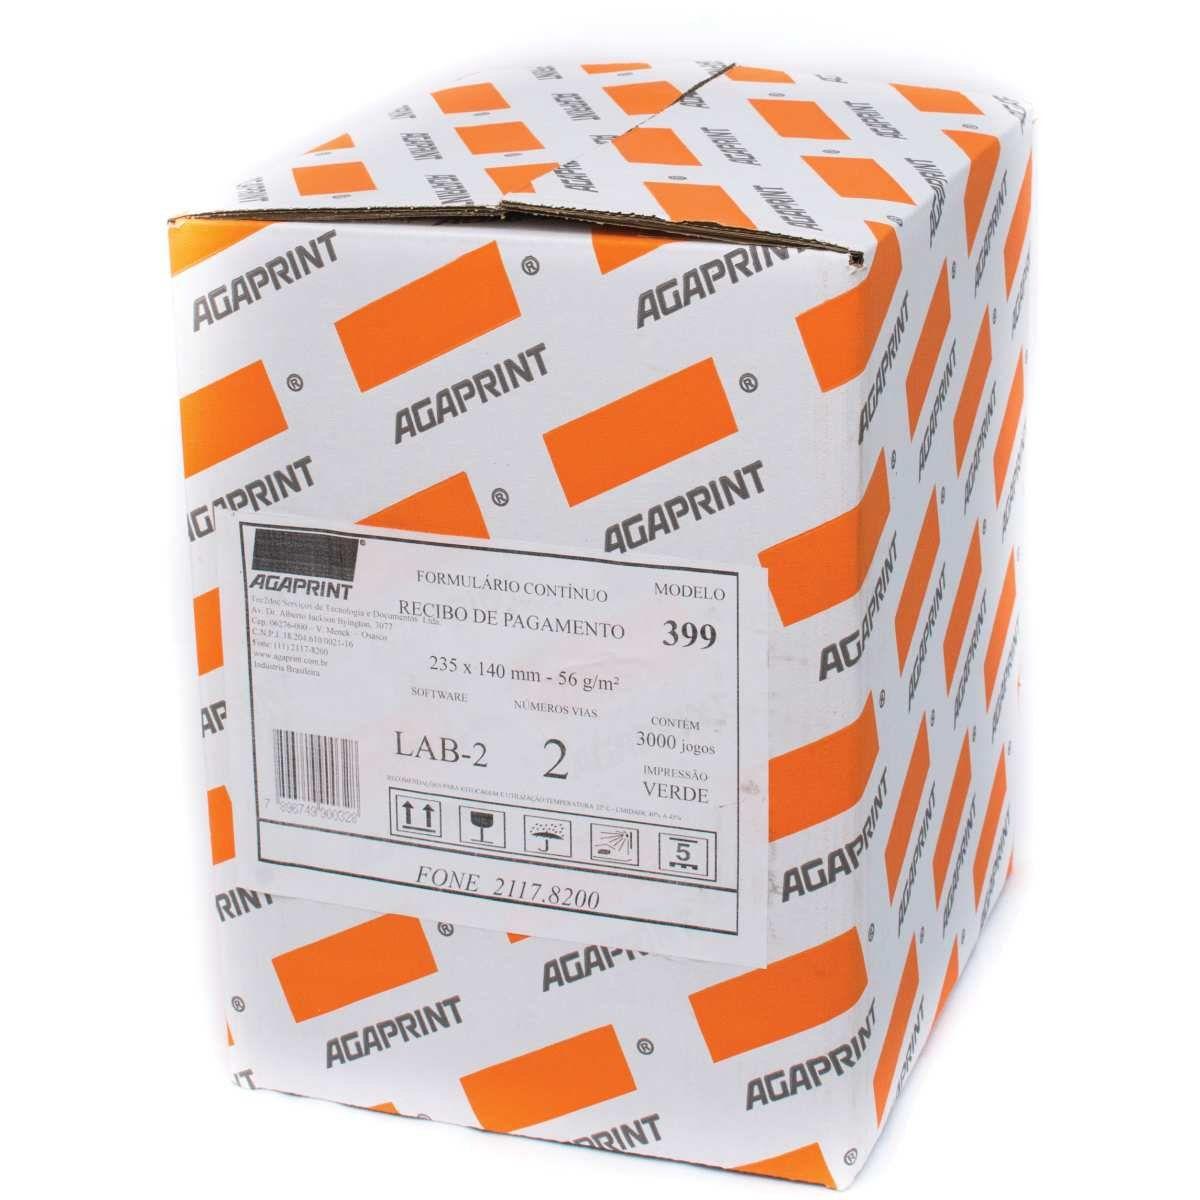 Formulário Agaprint 2 Vias LAB-02 Sem Bloqueio Caixa Com 3000 Jgs Carbono 2200399 27249